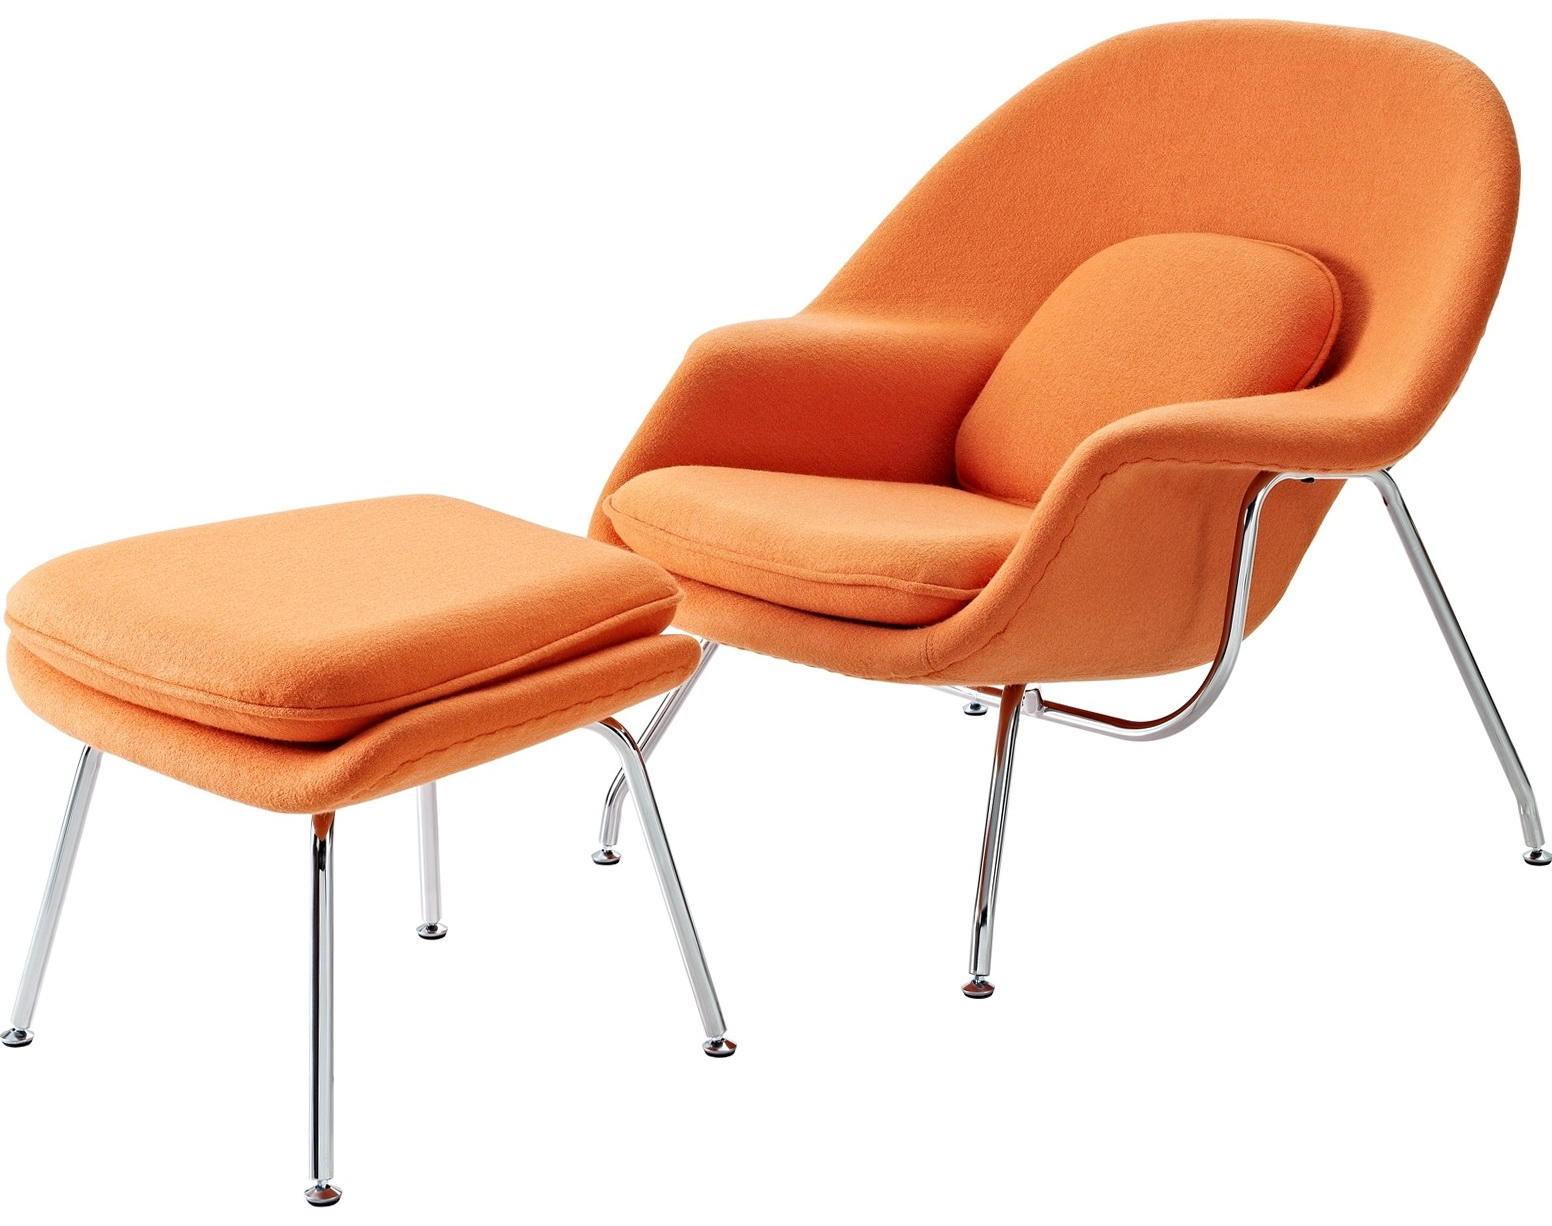 Lounge Chair And Ottoman Set